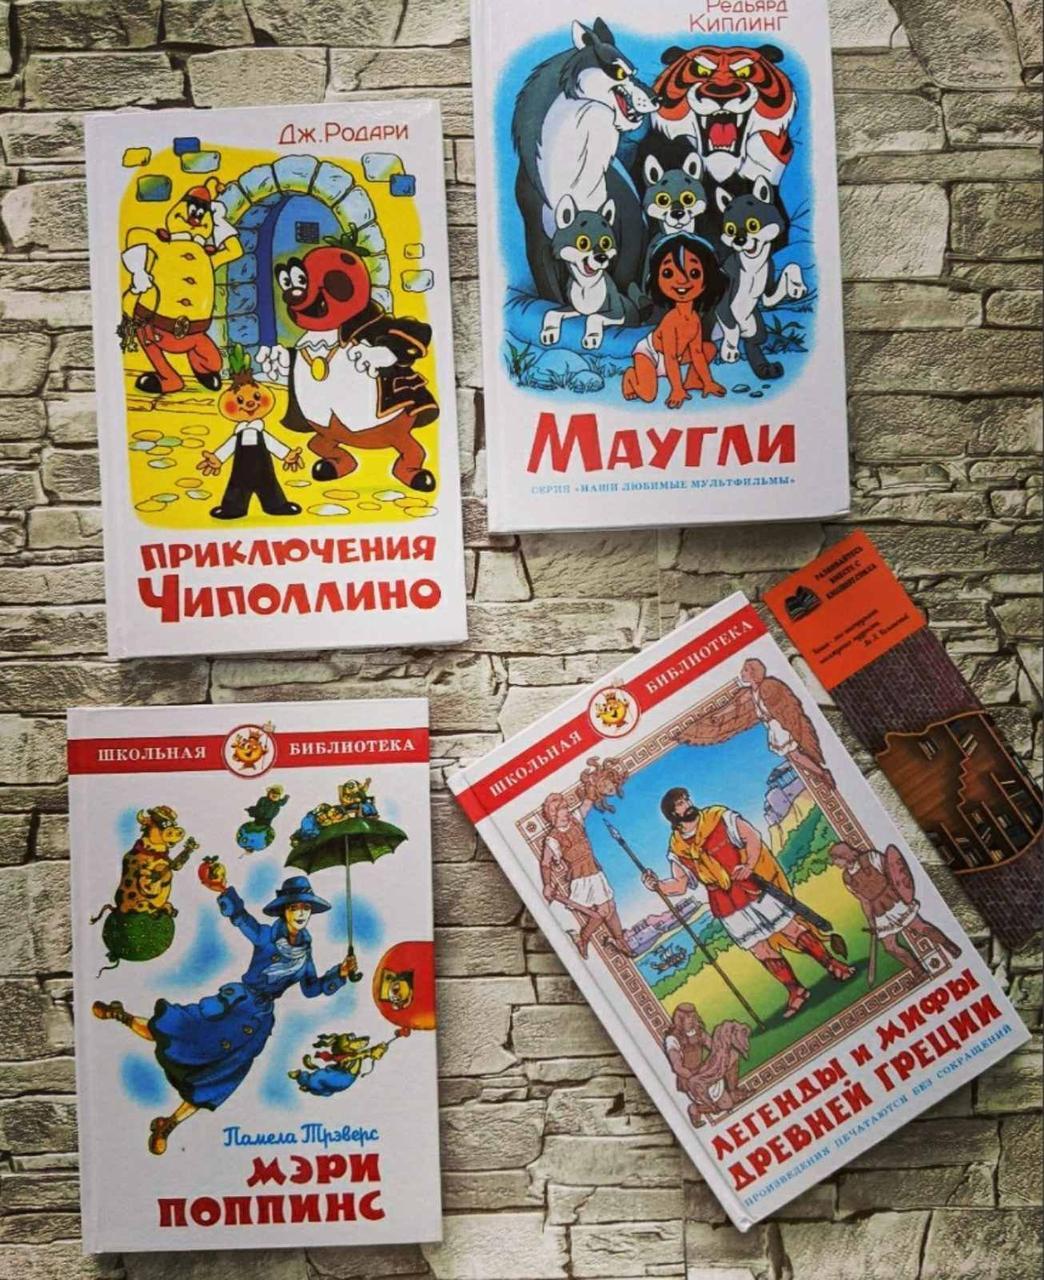 """Набір """"Мері Поппінс"""", """"Пригоди Цибуліно"""", """"Мауглі"""", """"Легенди і міфи Стародавньої Греції"""""""